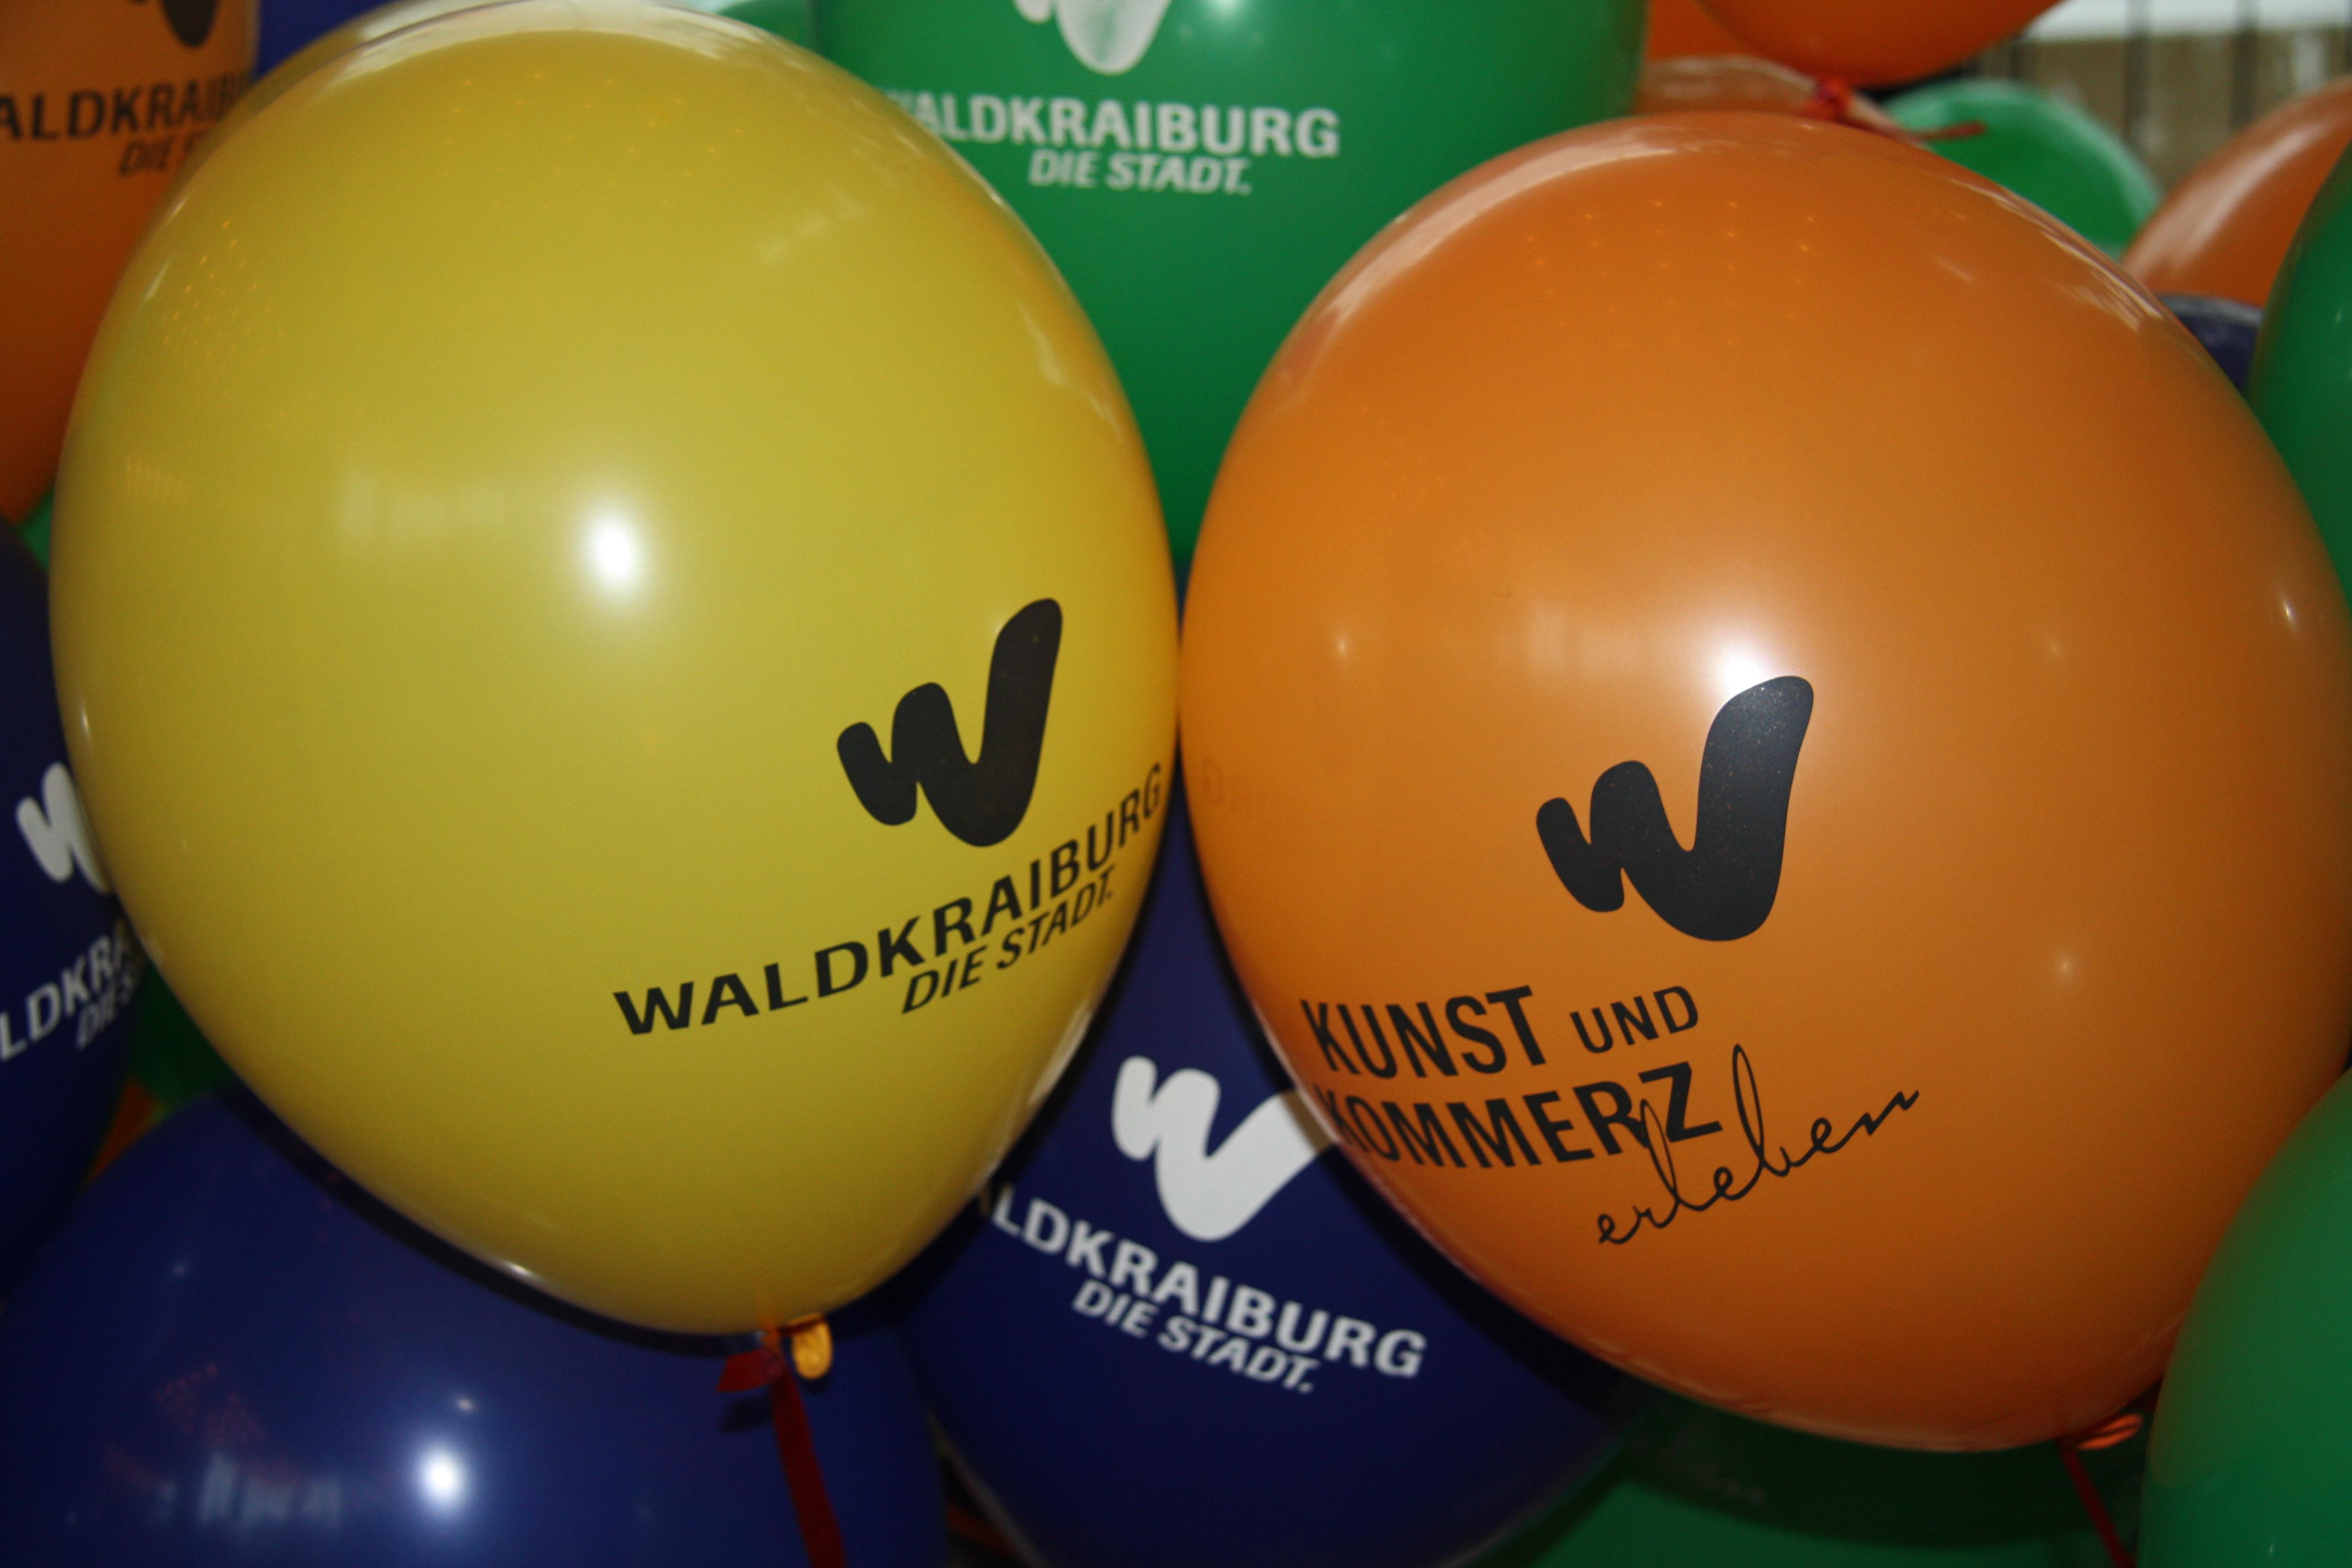 Luftballons Kunst und Kommerz